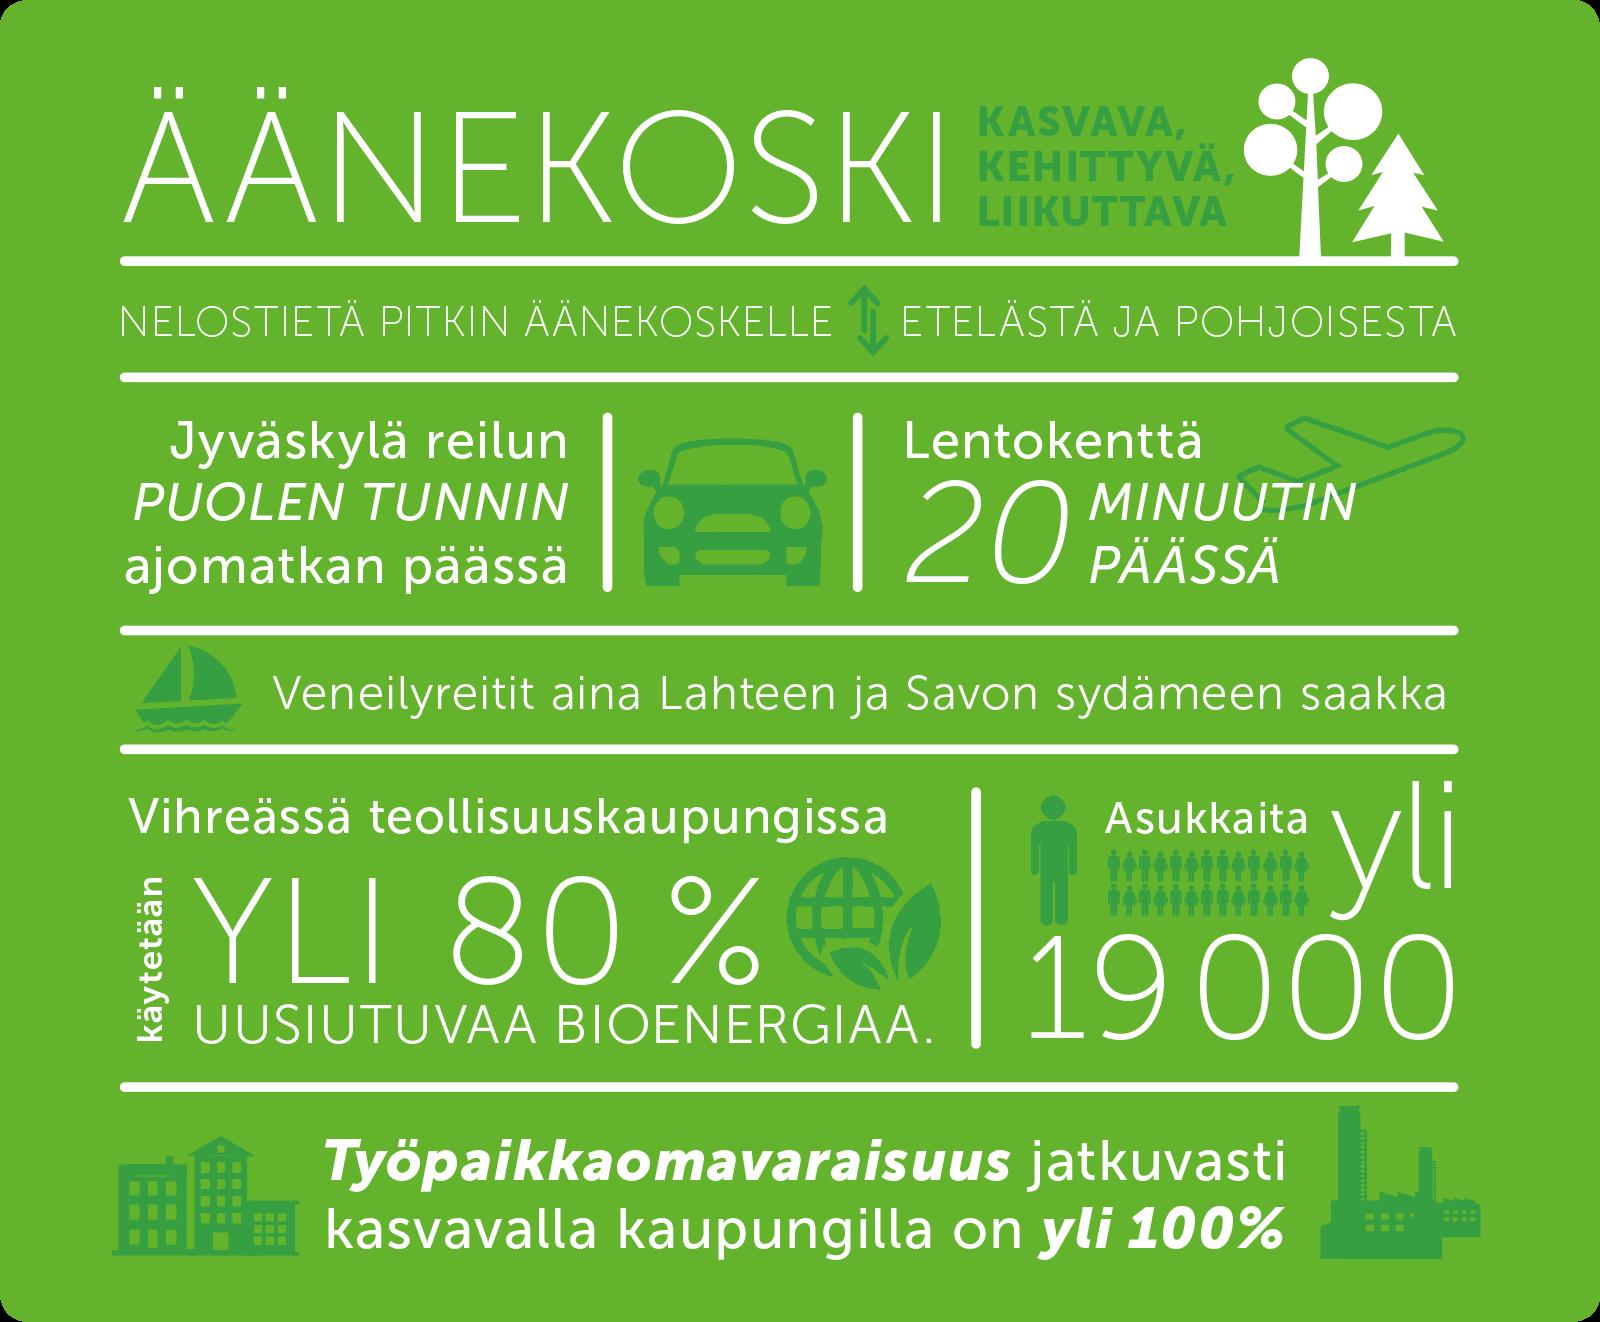 Äänekoski - infografiikka